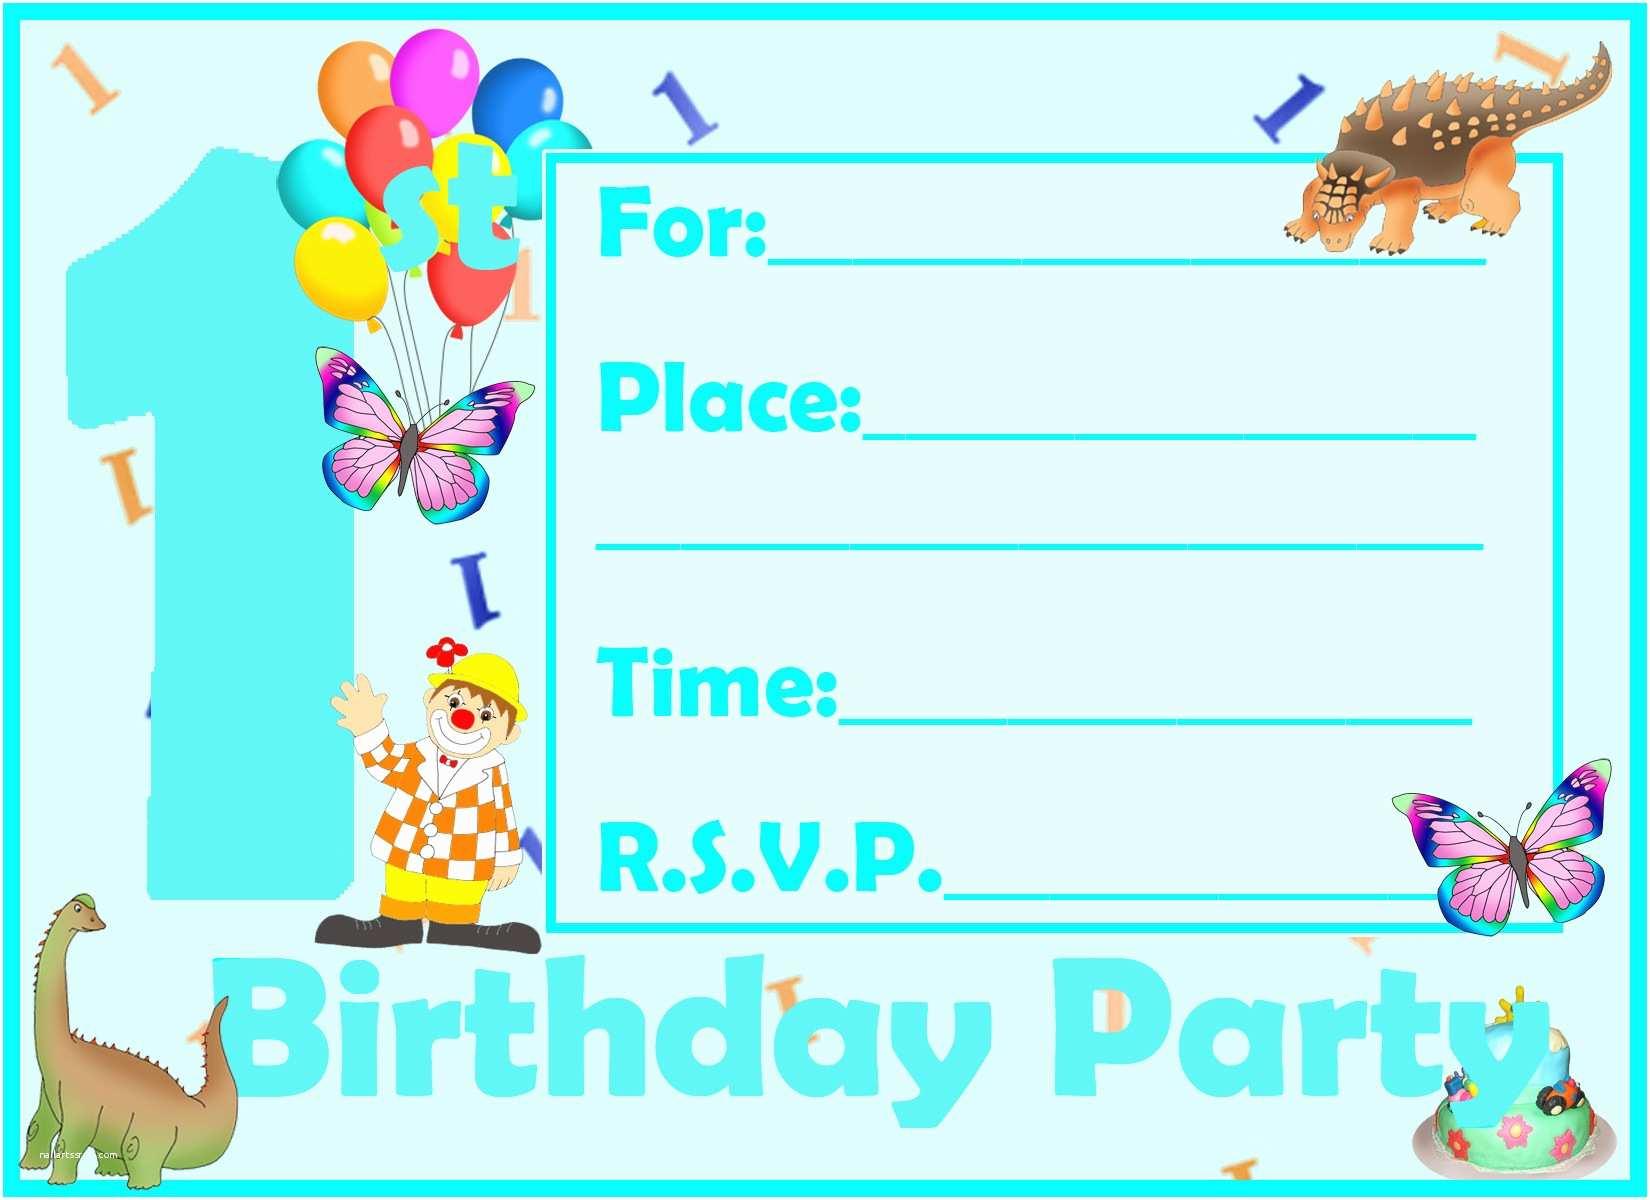 Boys Party Invitations 1st Birthday Party Ideas